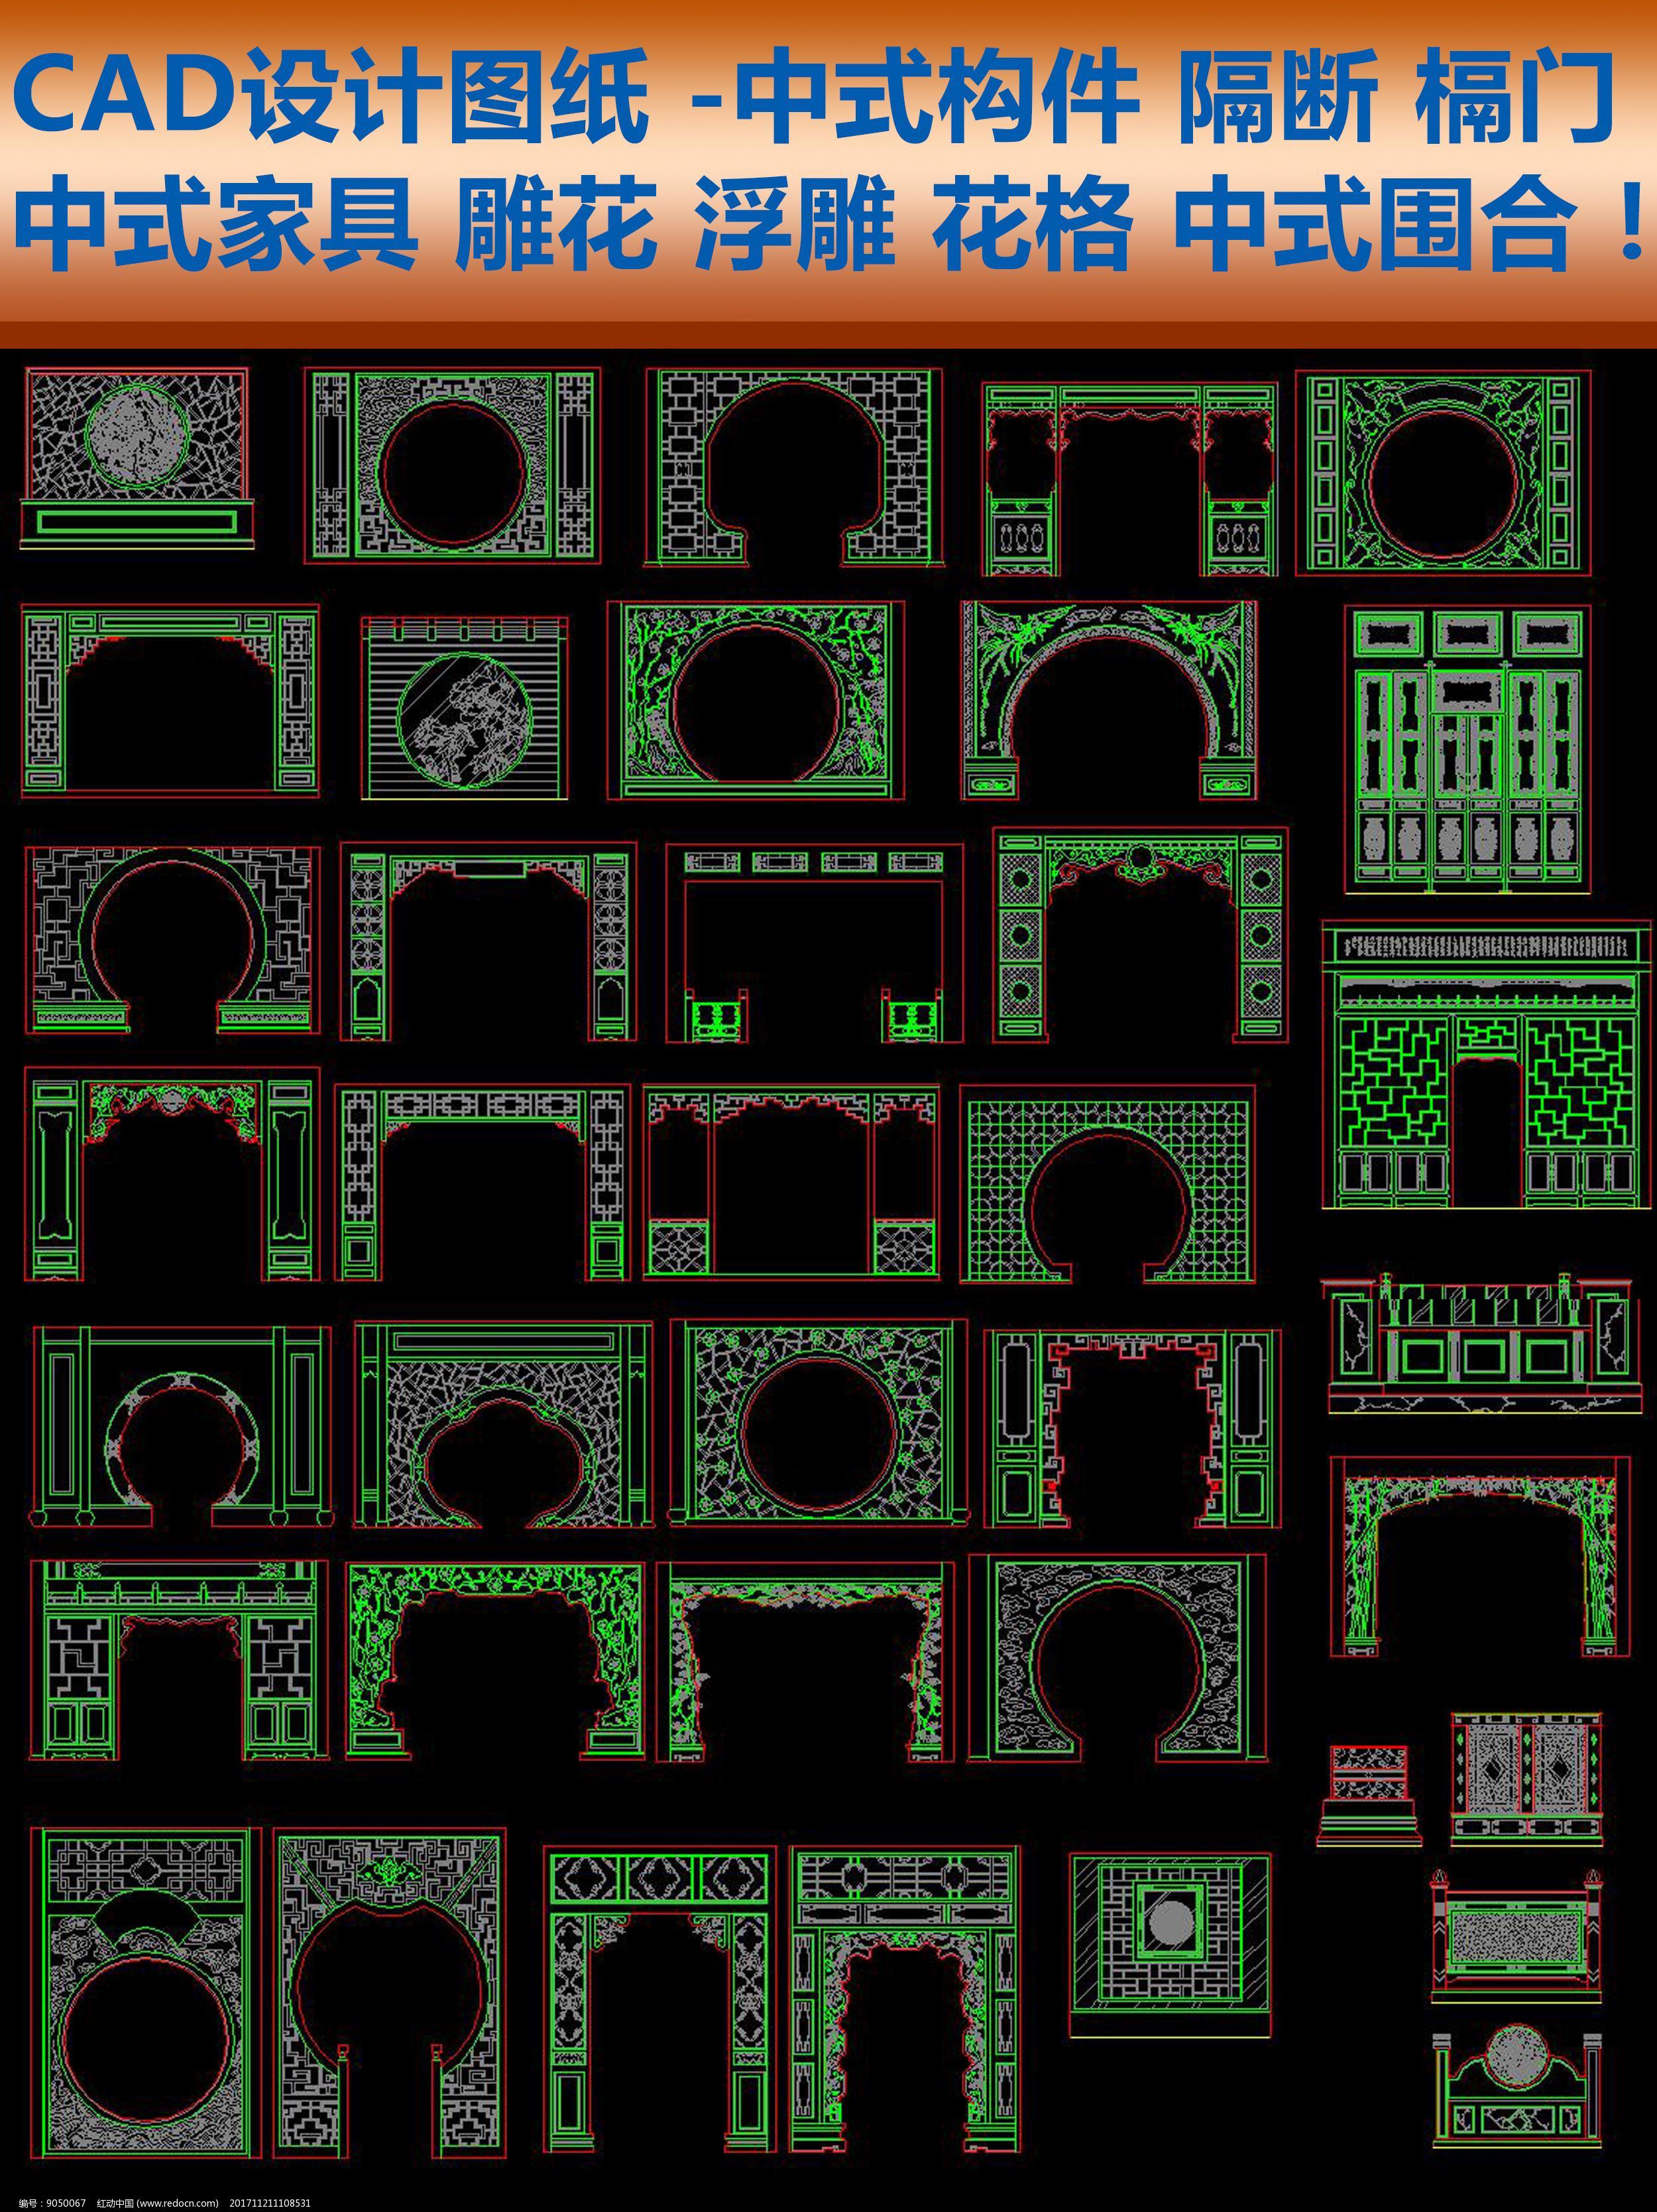 CAD中式构件隔断家具槅门图片